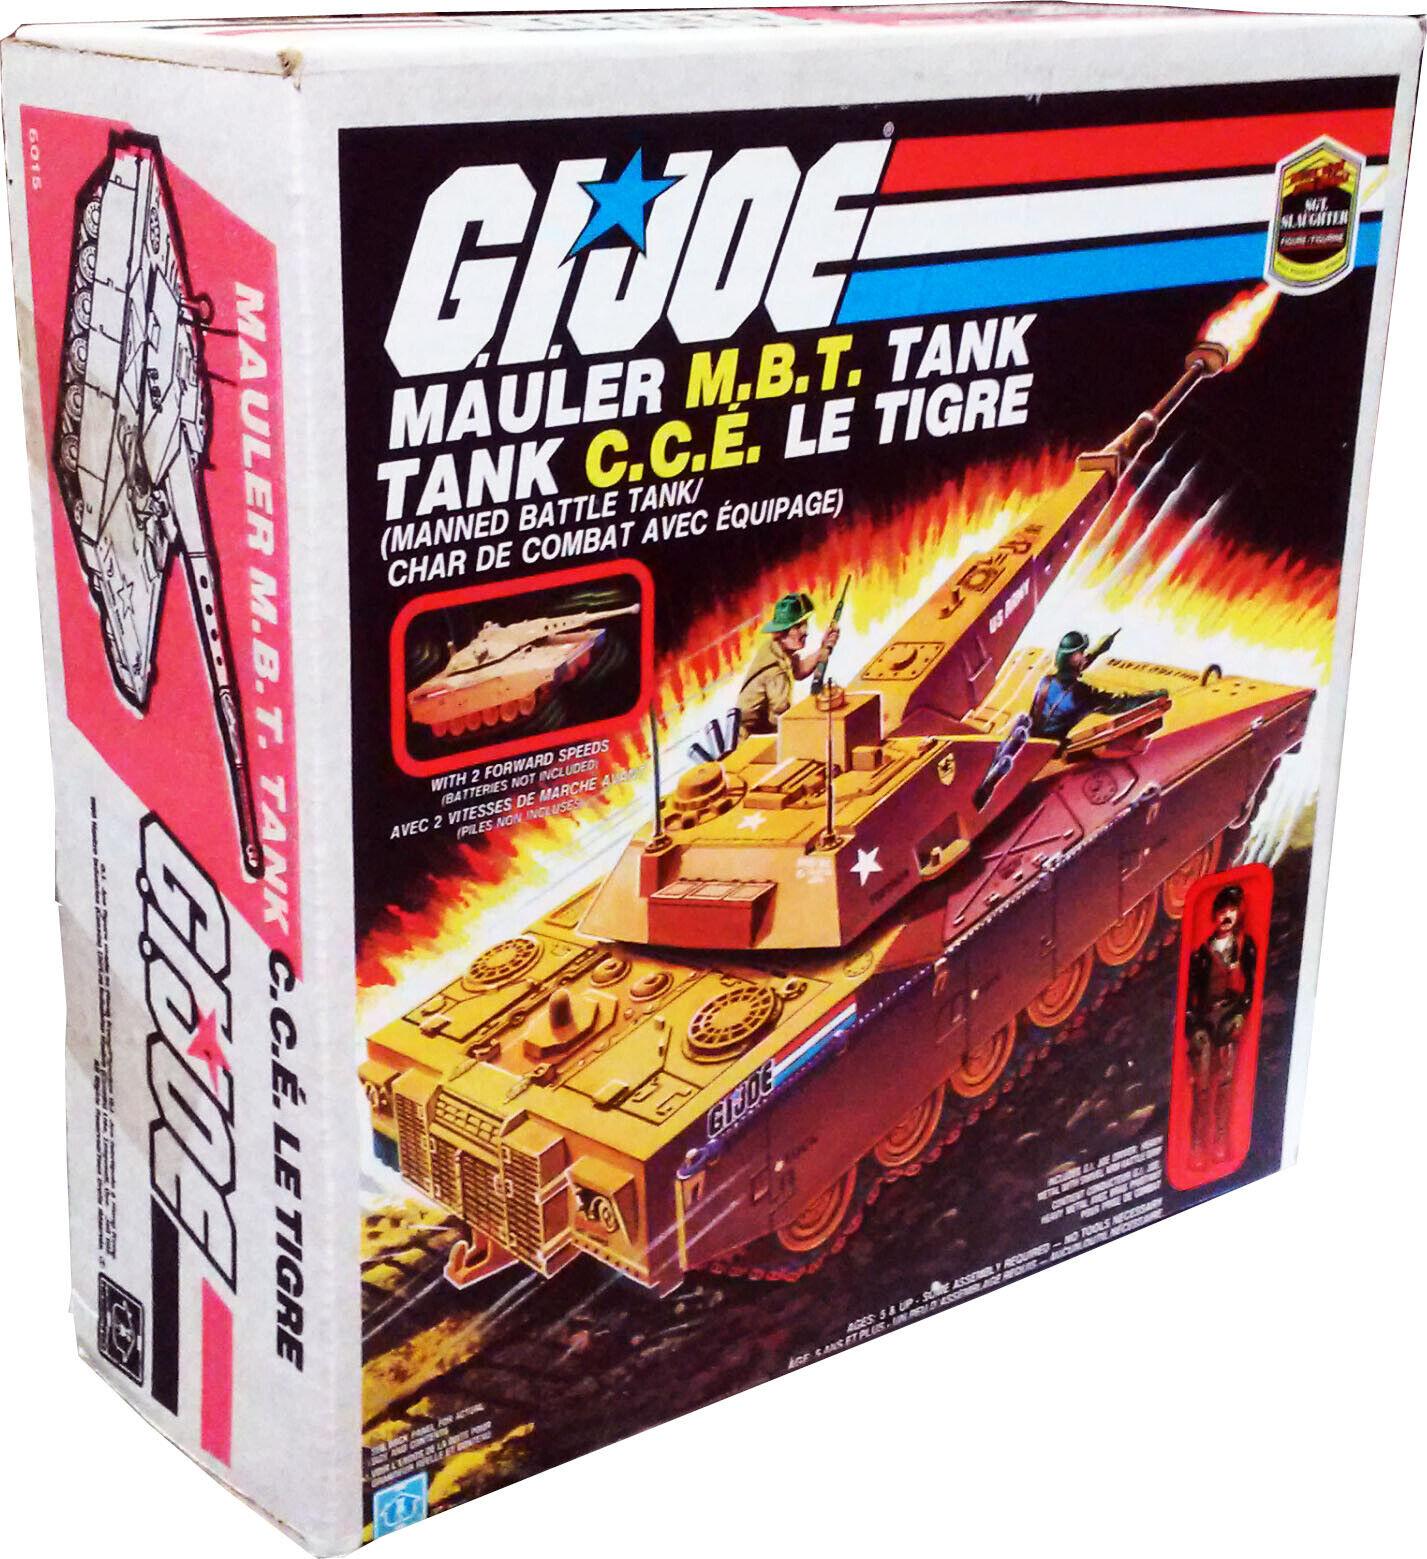 GI Joe arah MBT Mauler Antennas Smoke Grenades Custom Accessory Parts Lot